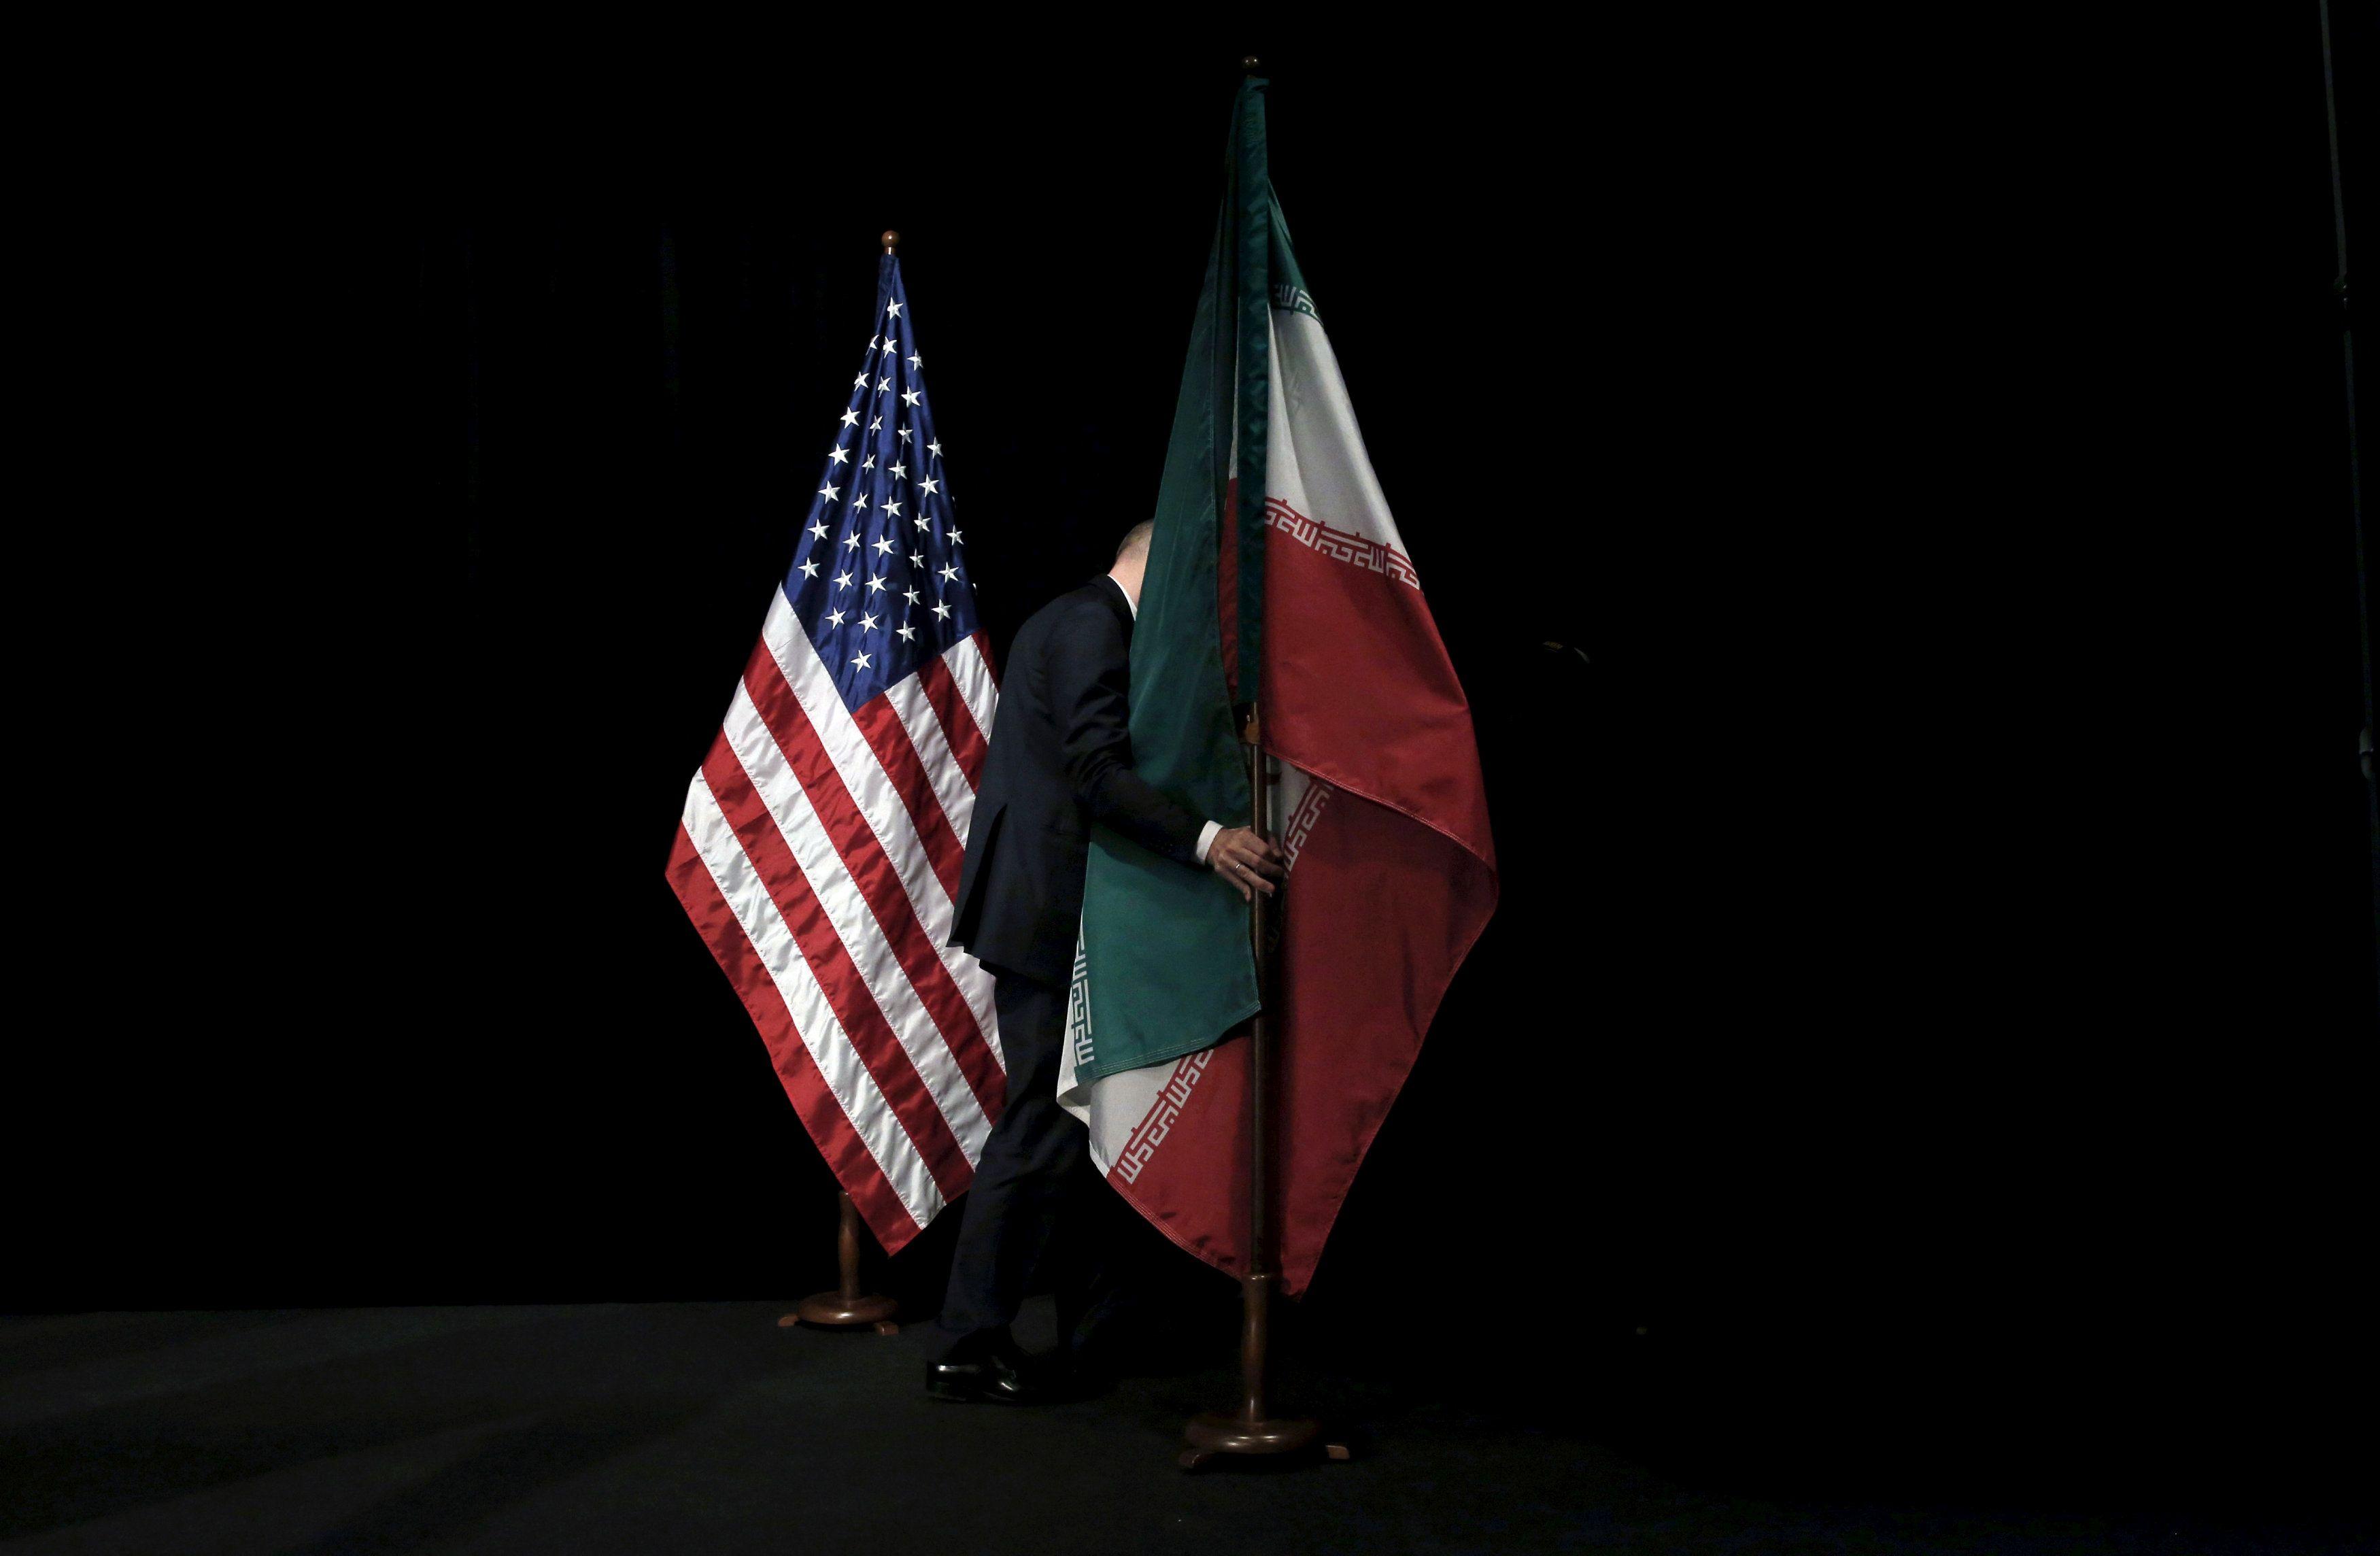 Конфликт США и Ирана